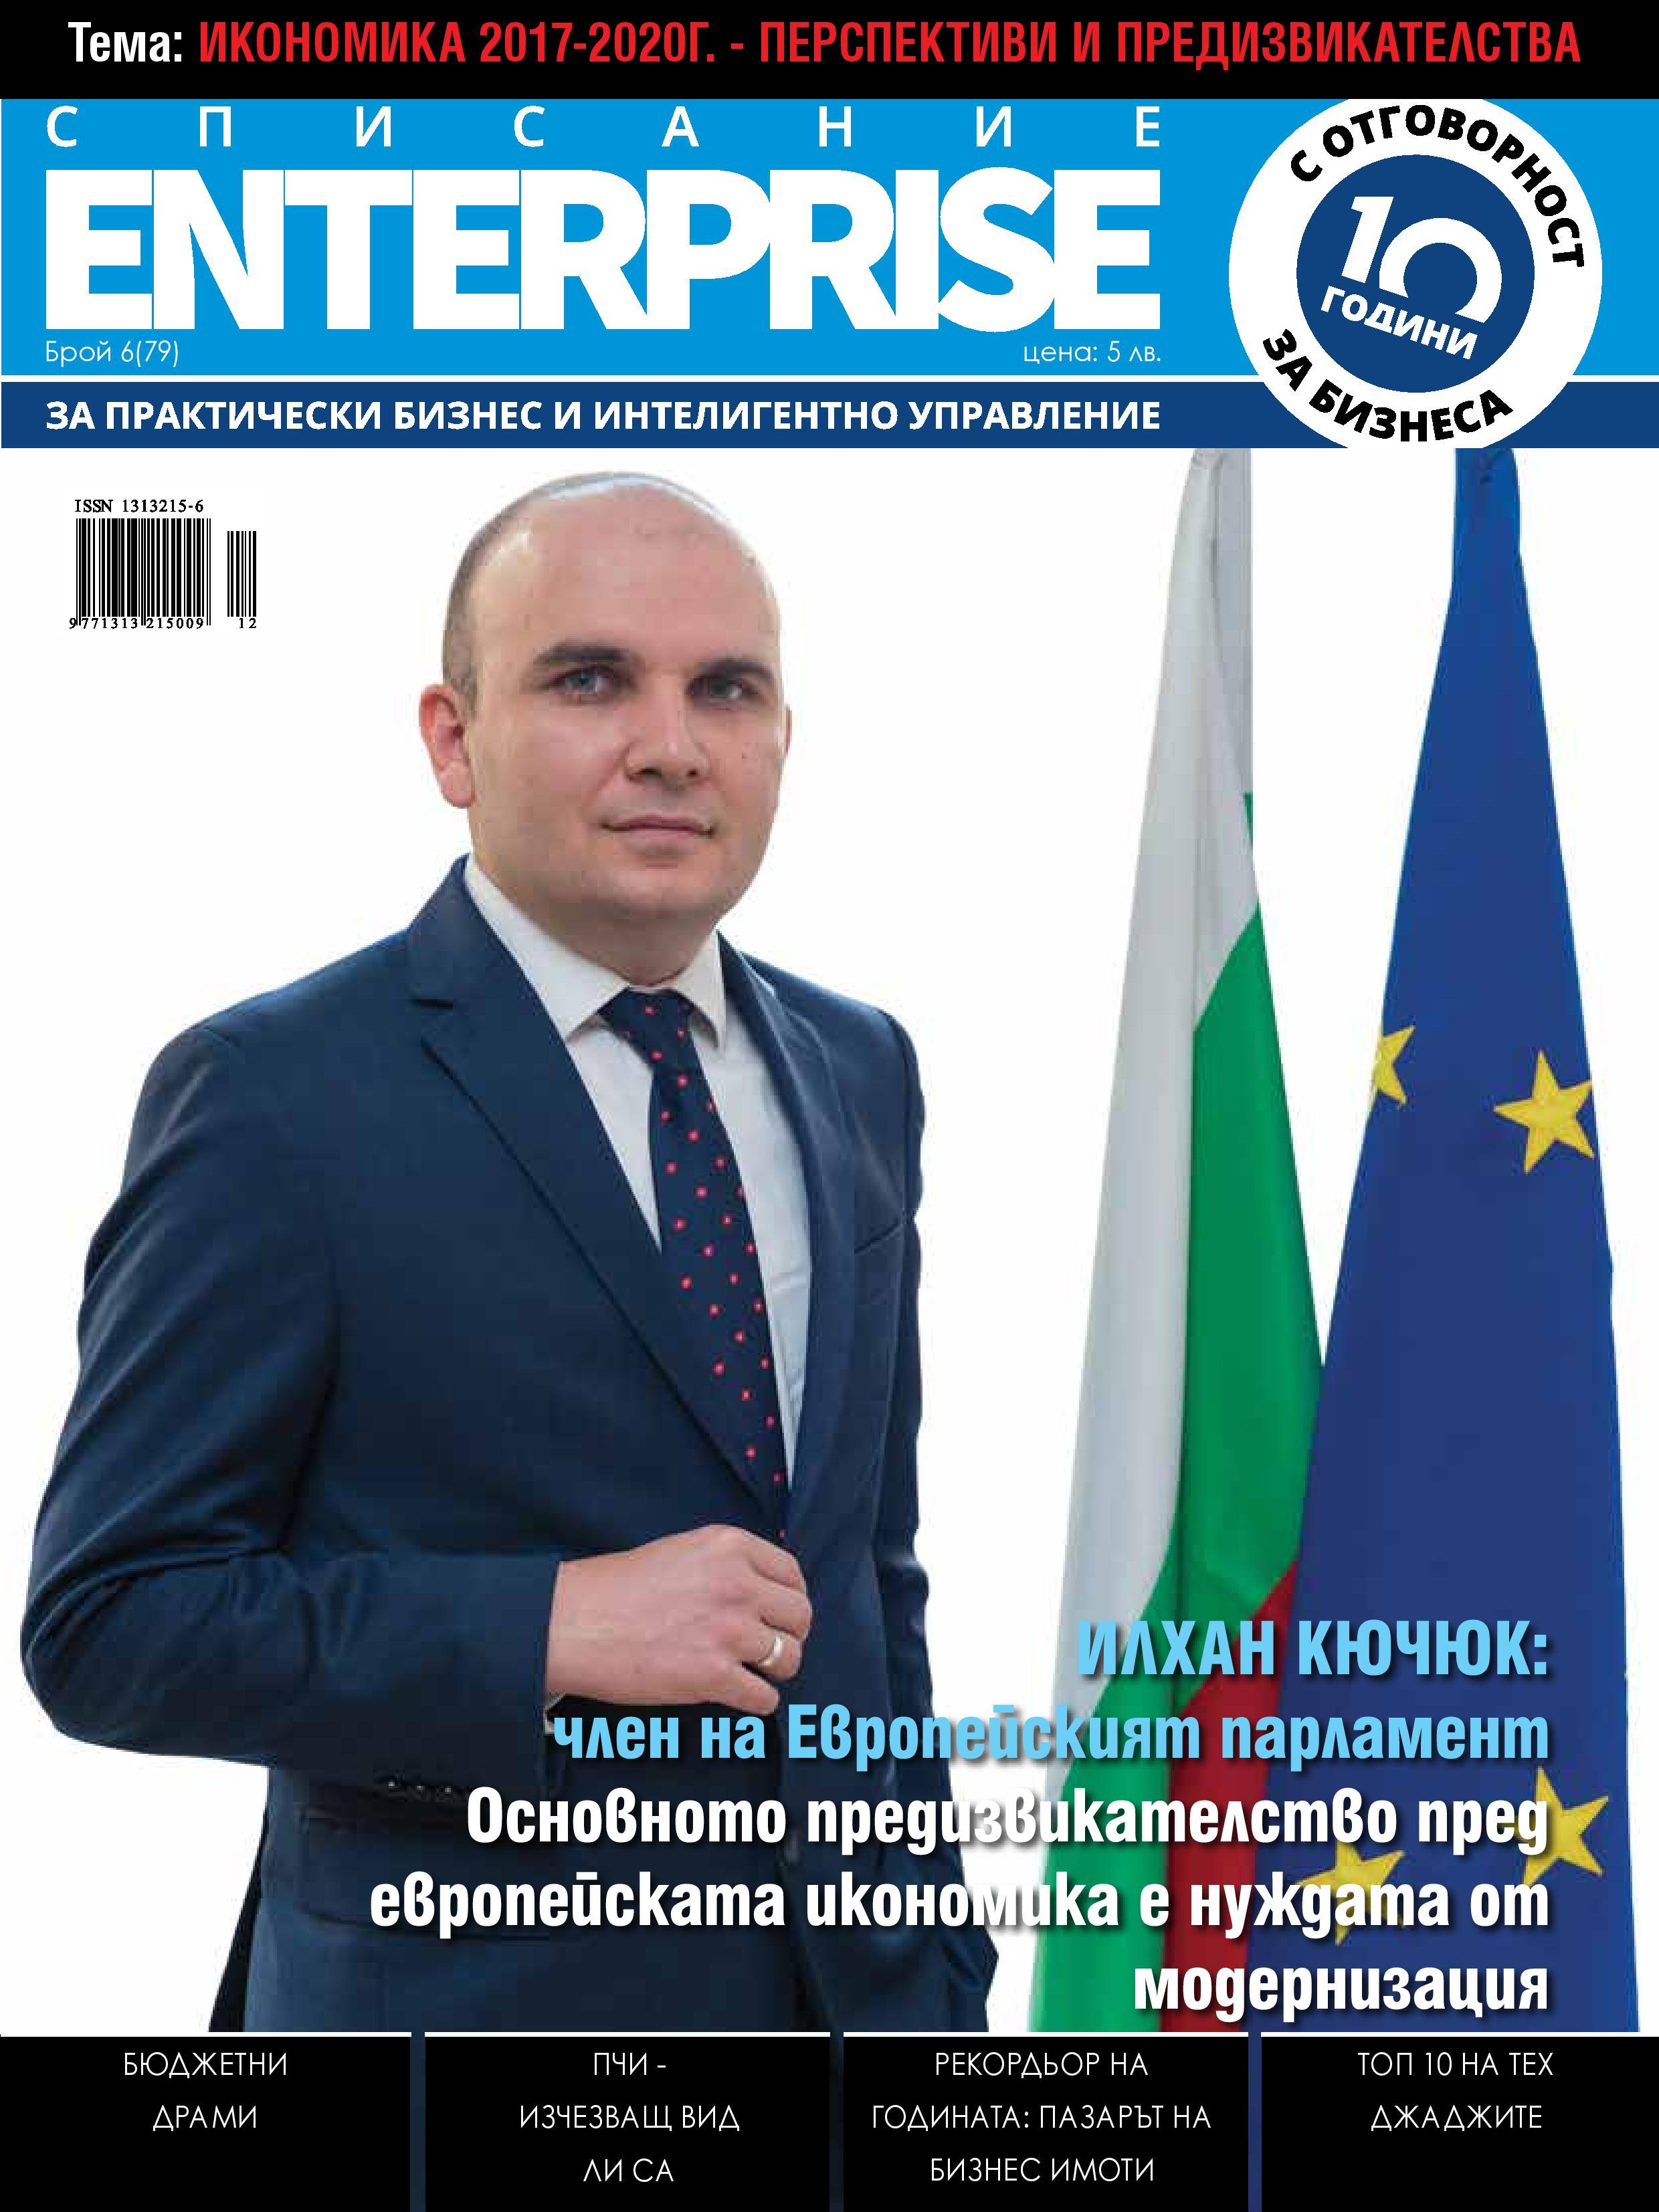 Илхан Кючюк, Enterprise: Основно предизвикателство пред европейската икономика е нуждата от модернизация